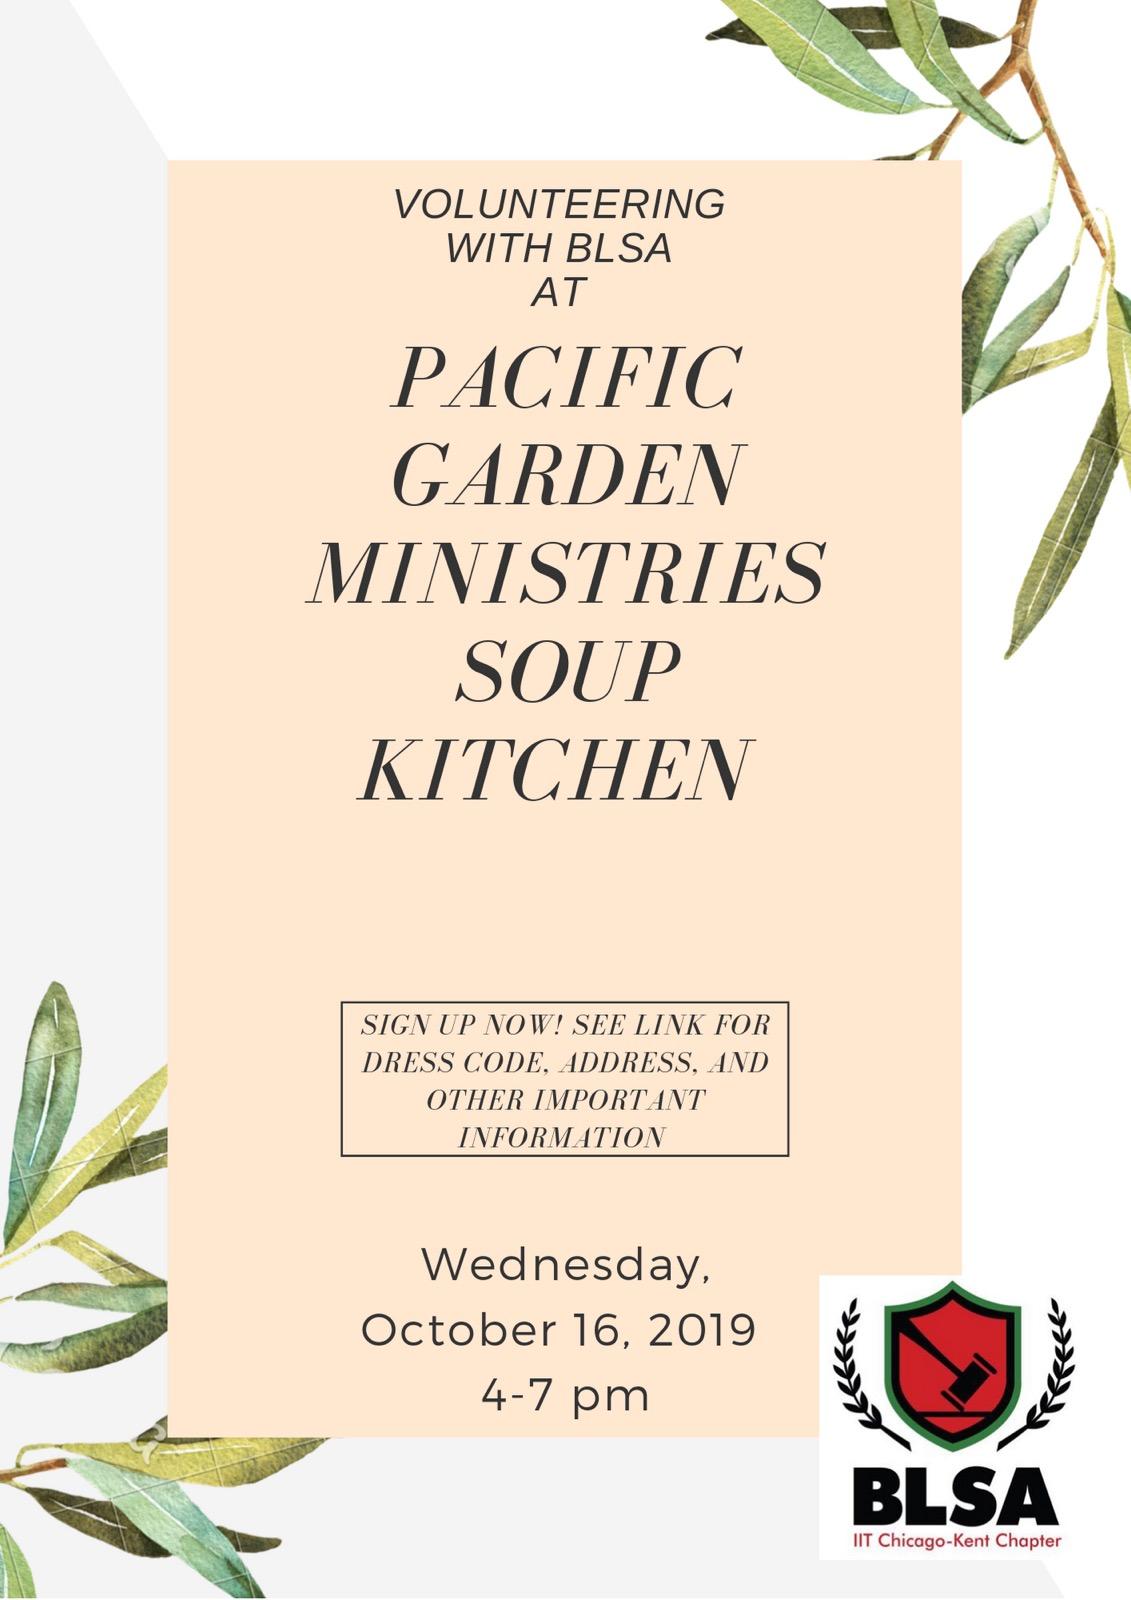 Flyer for October 16 Soup Kitchen Volunteer Event